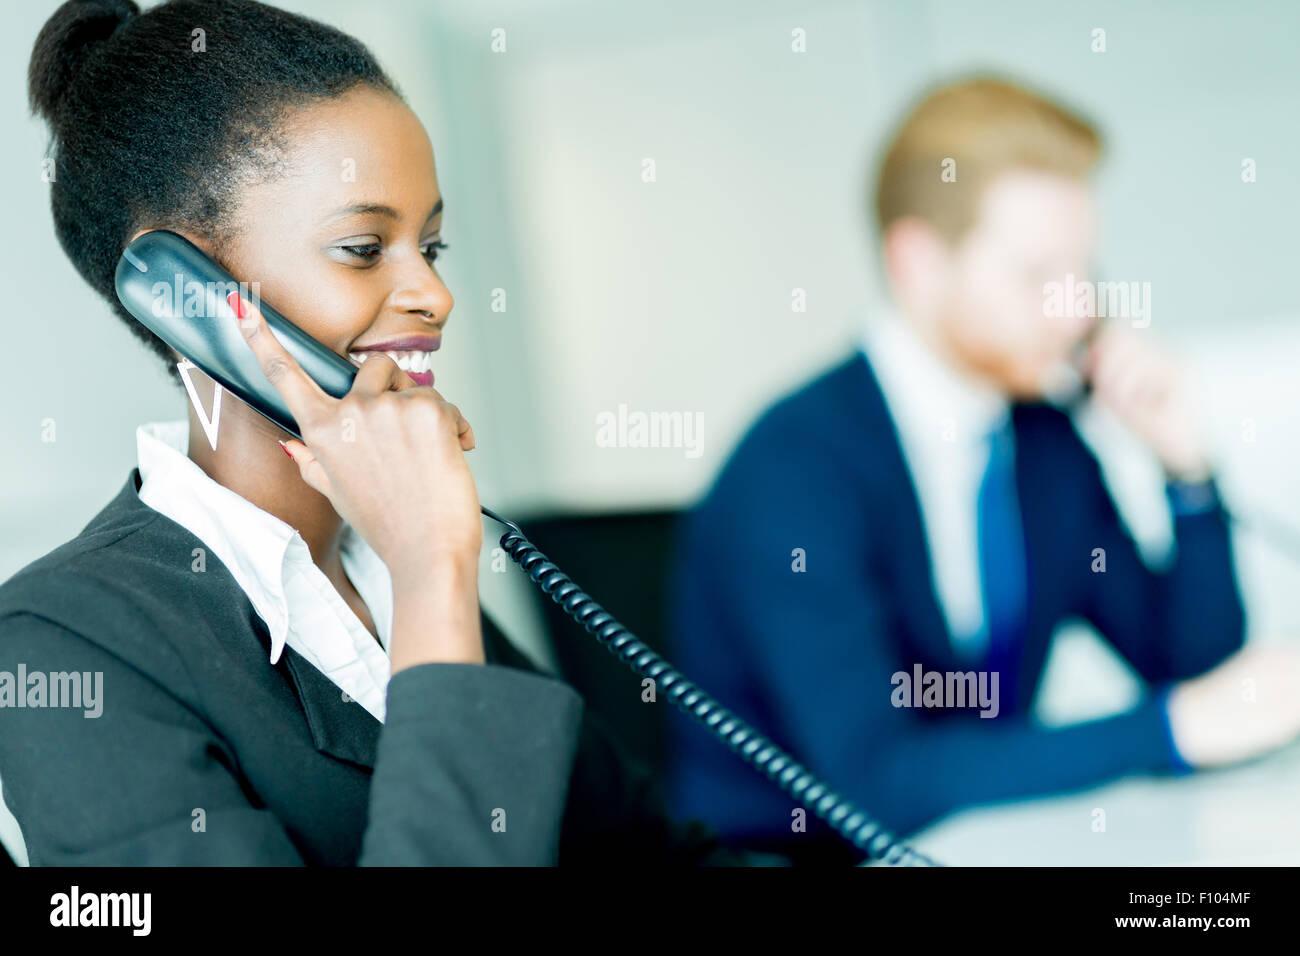 Une belle, noir, jeune femme travaillant dans un centre d'appel dans un bureau avec son partenaire haird rouge Photo Stock